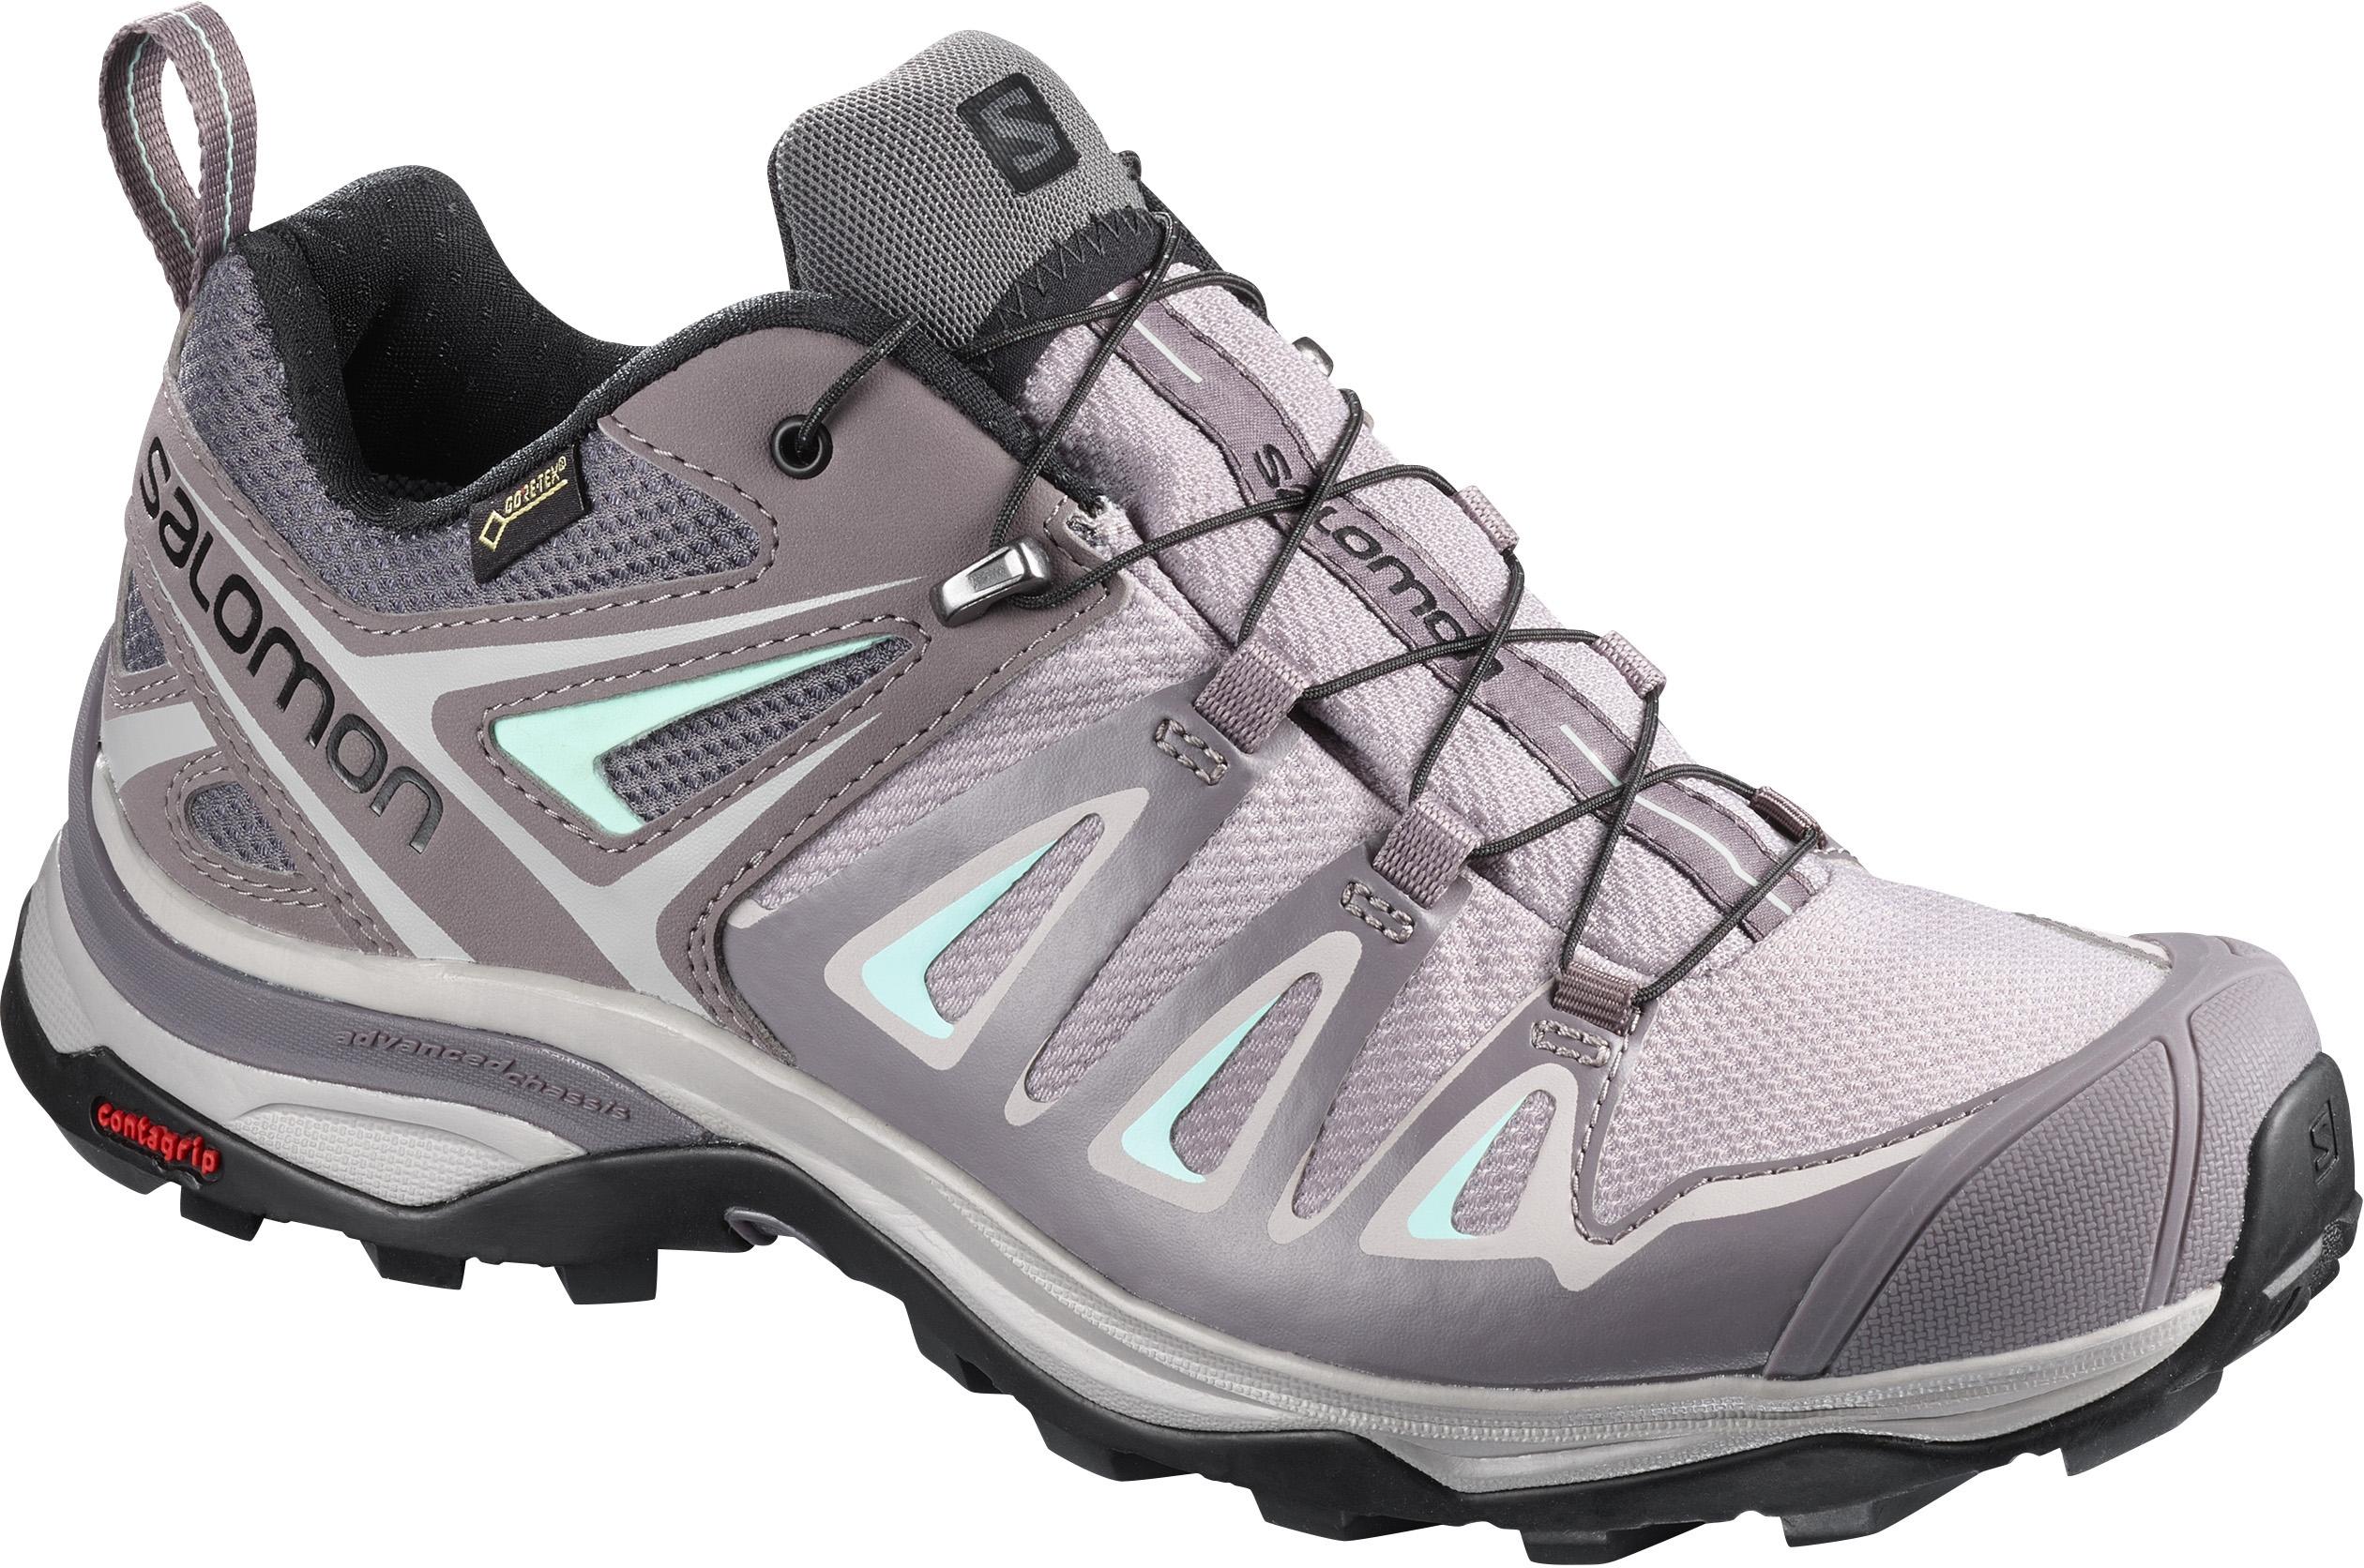 Chaussures W Magnet Ultra 3 Shark Randonnée Salomon X Gtx O8kn0wP